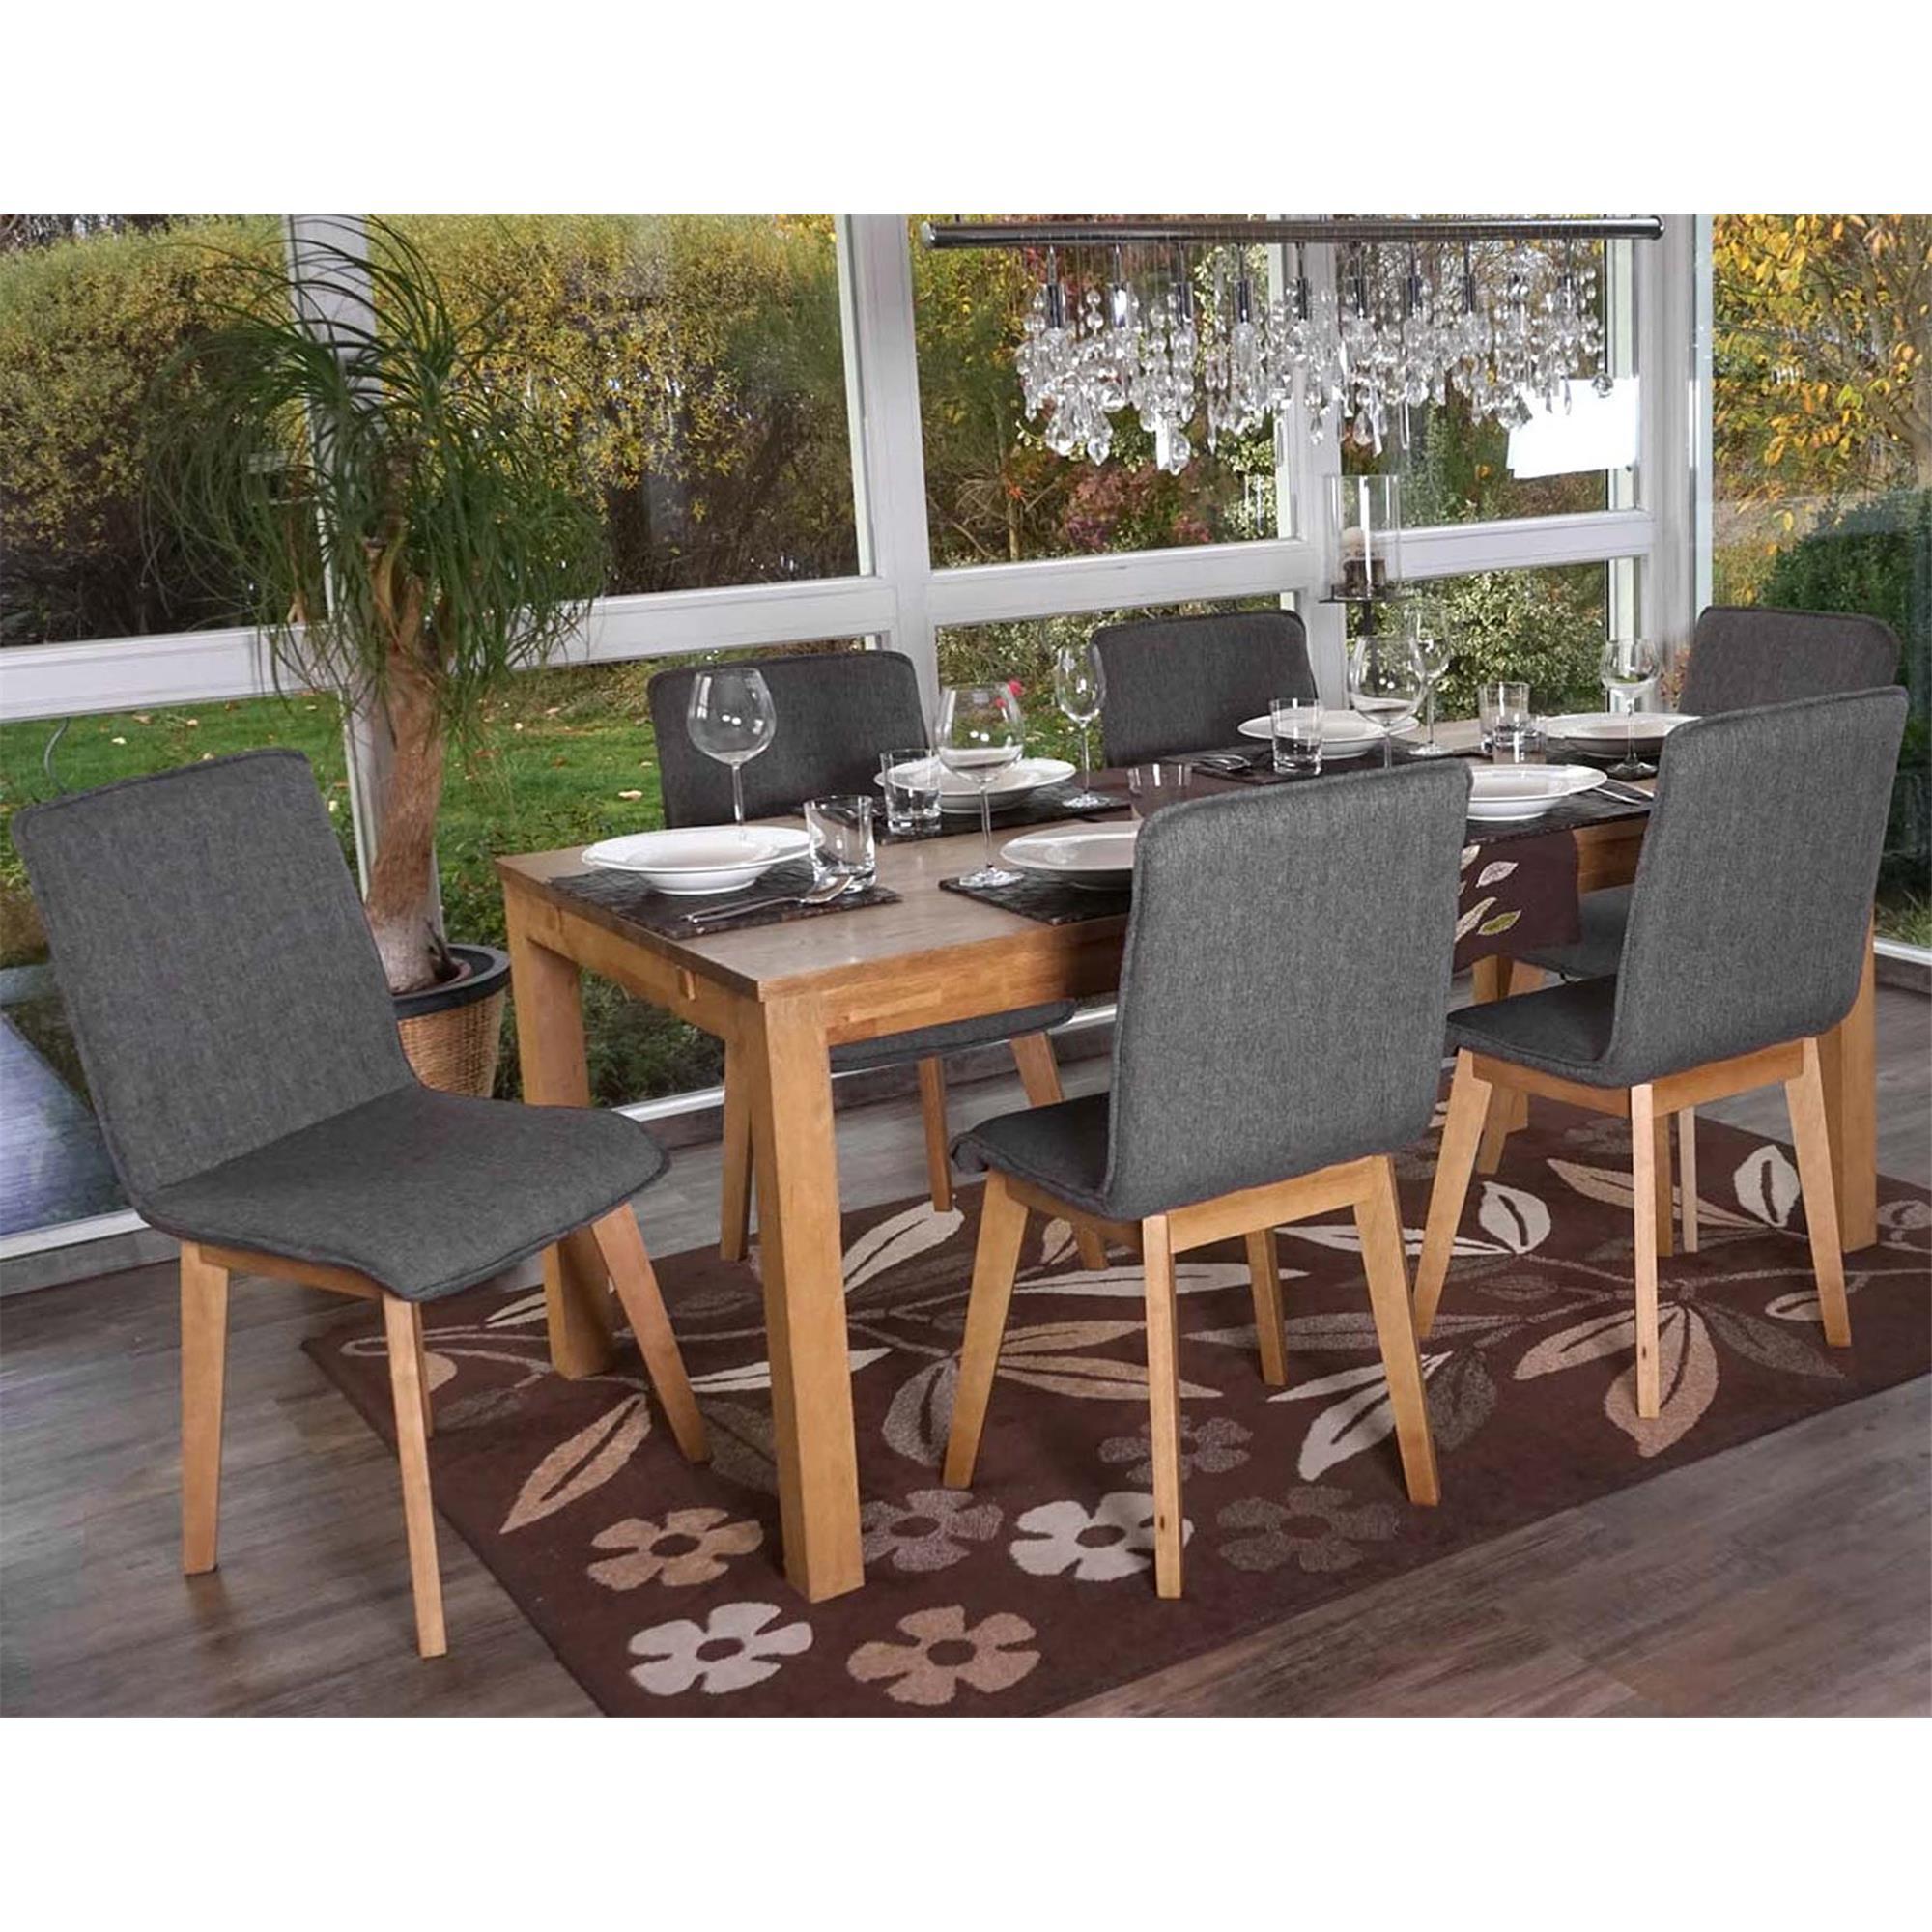 Lote 6 sillas de cocina o comedor ford en tela gris for Sillas de tela comedor